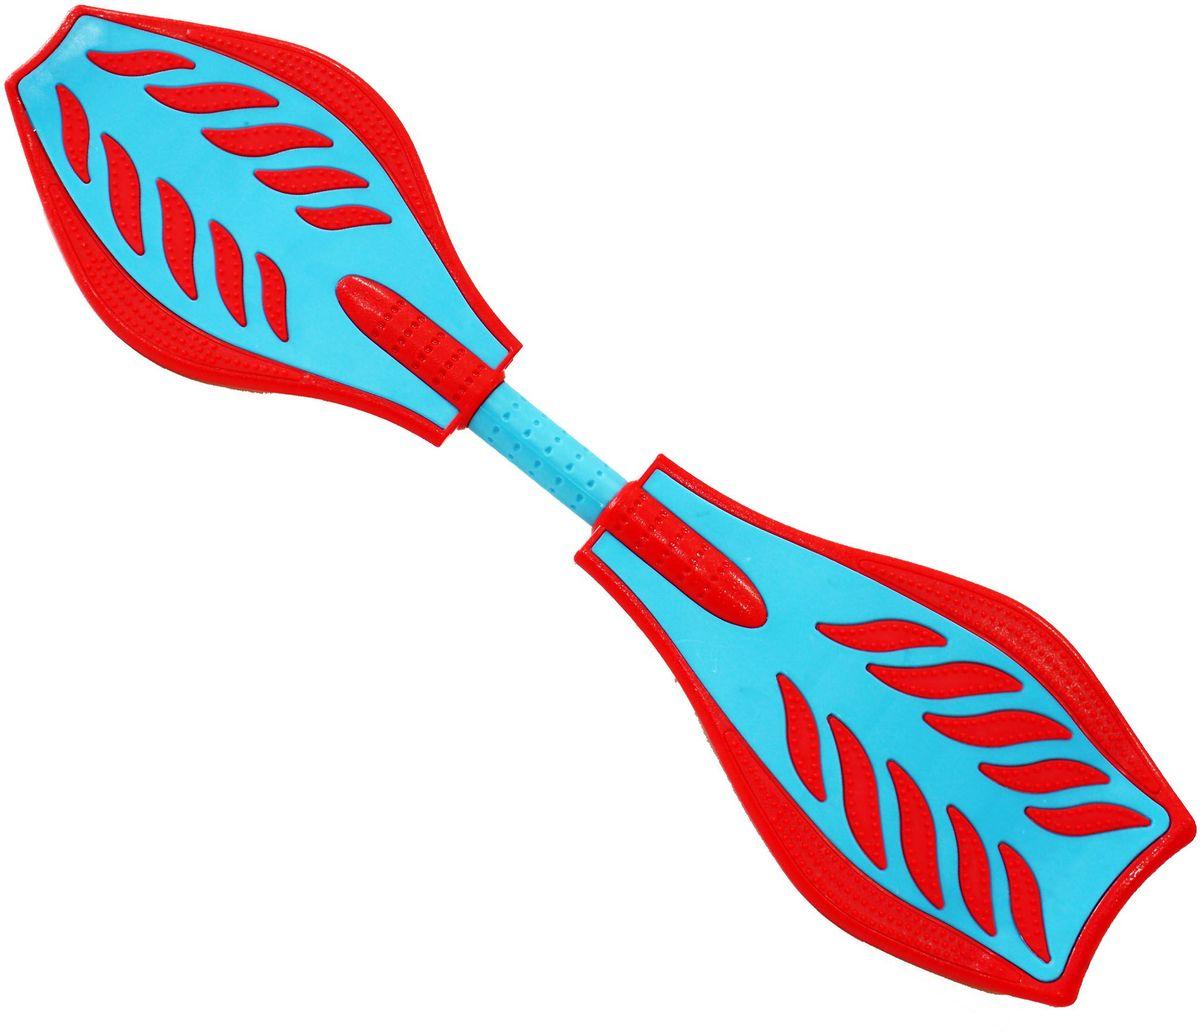 Роллерсерф Waveboard Bright, цвет: красно-синий2224Габариты: 80 х 21 х 11 см. Вес: 2,4 кг. Максимальная нагрузка до 70 кг. База - ударопрочный ABS пластик. Подшипники - ABEC5. Колеса - полиуретан, 78см, 82А Конструкция - торсионная пружина.